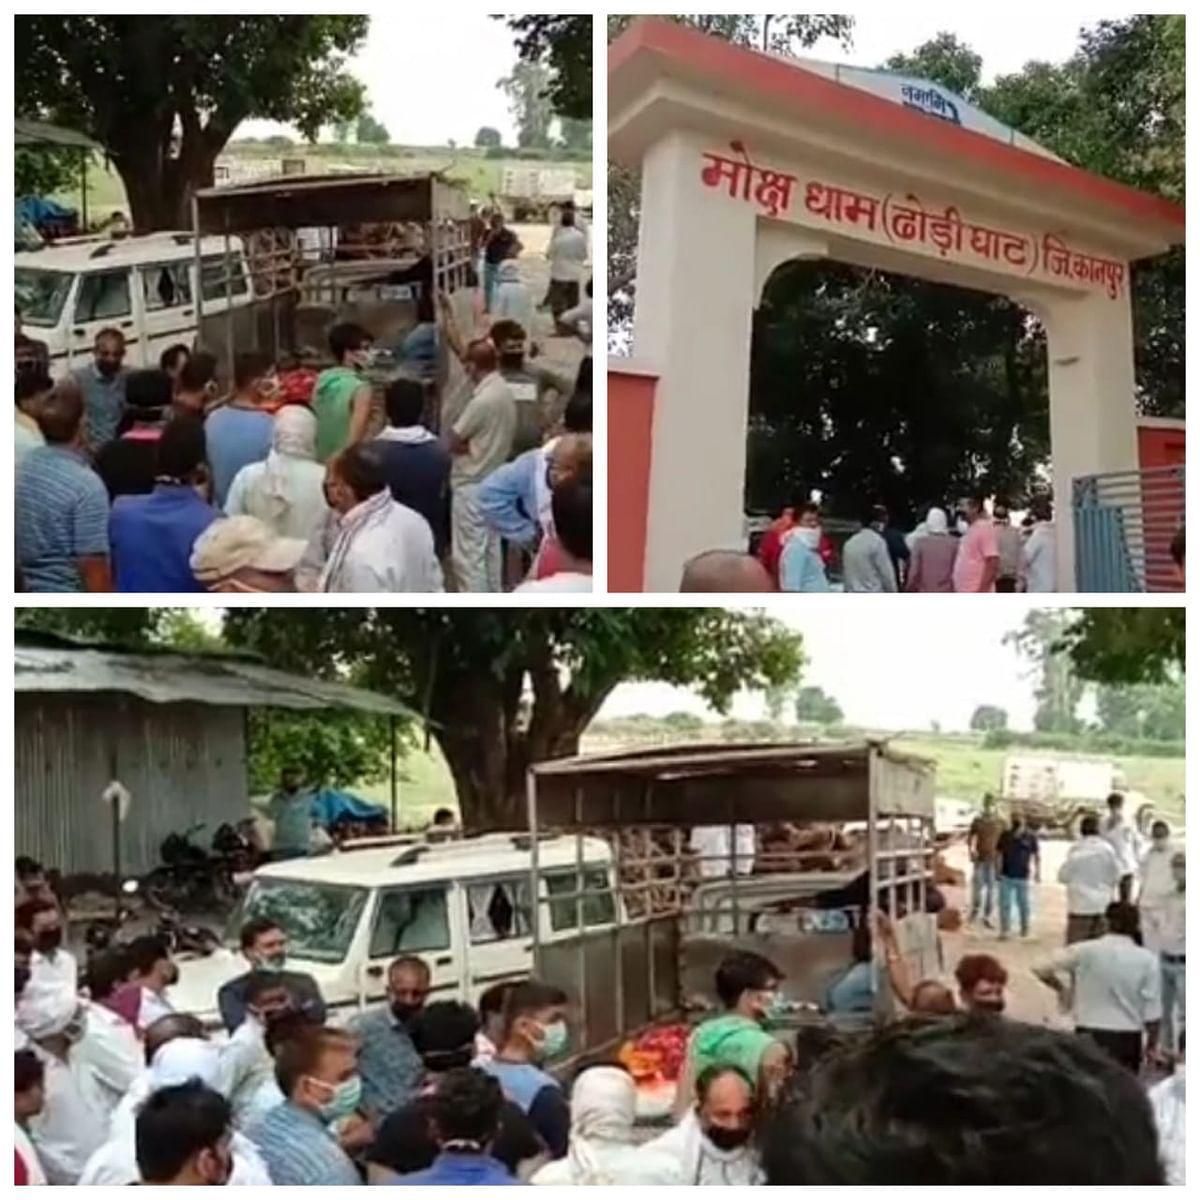 बसपा नेता पिंटू सेंगर का आठ घंटे चला पोस्टमार्टम, अंतिम संस्कार में जुटी भीड़